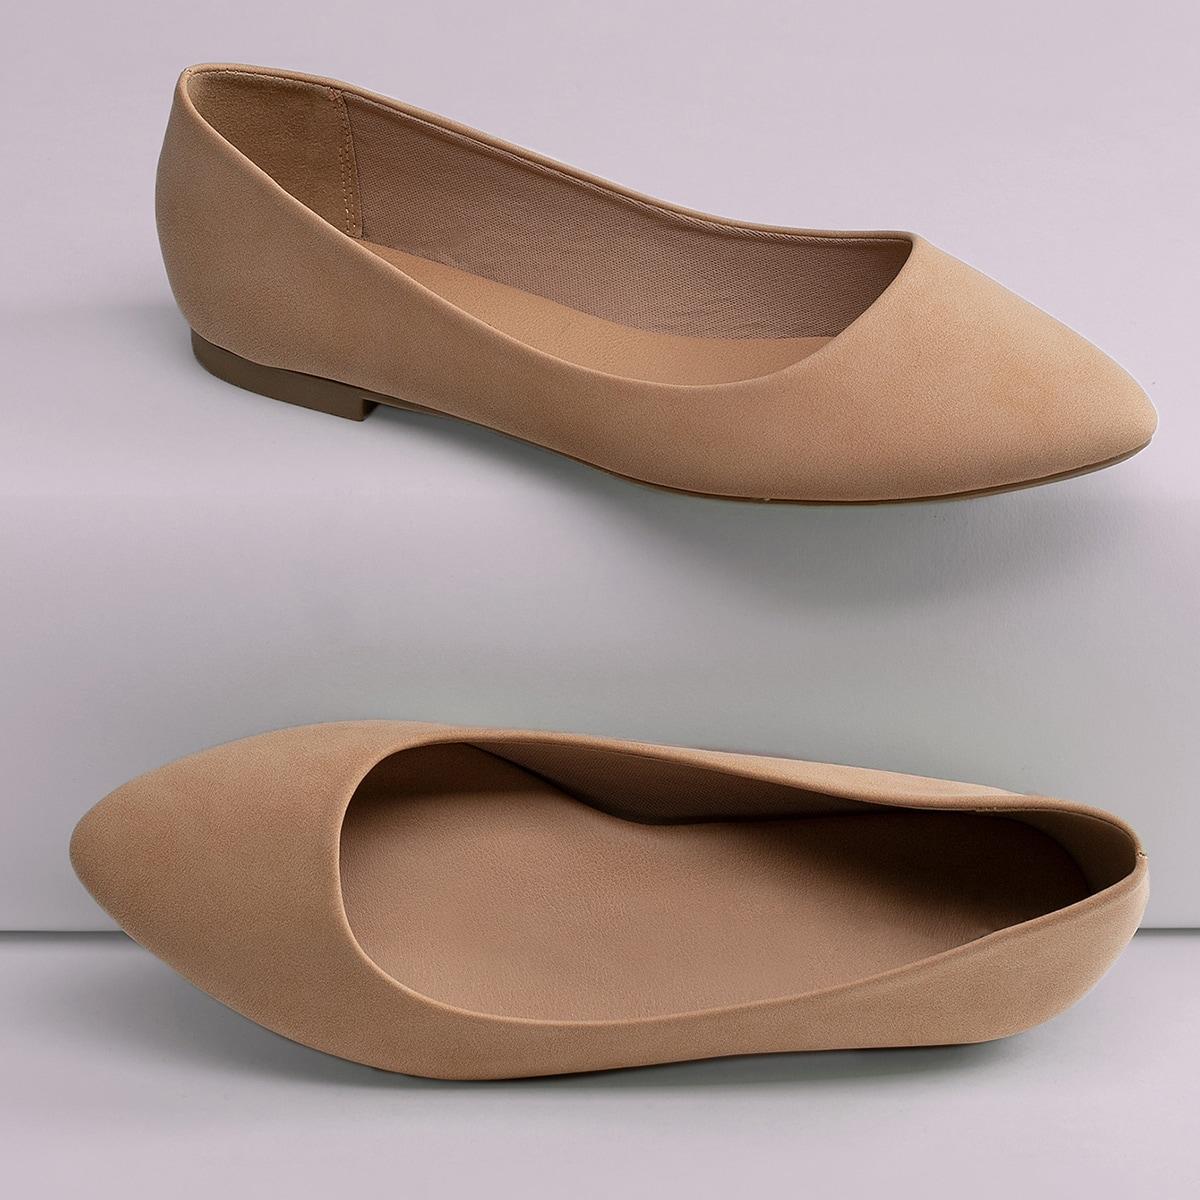 SHEIN / Wide Width Pointy Toe Slip On Ballerina Flats